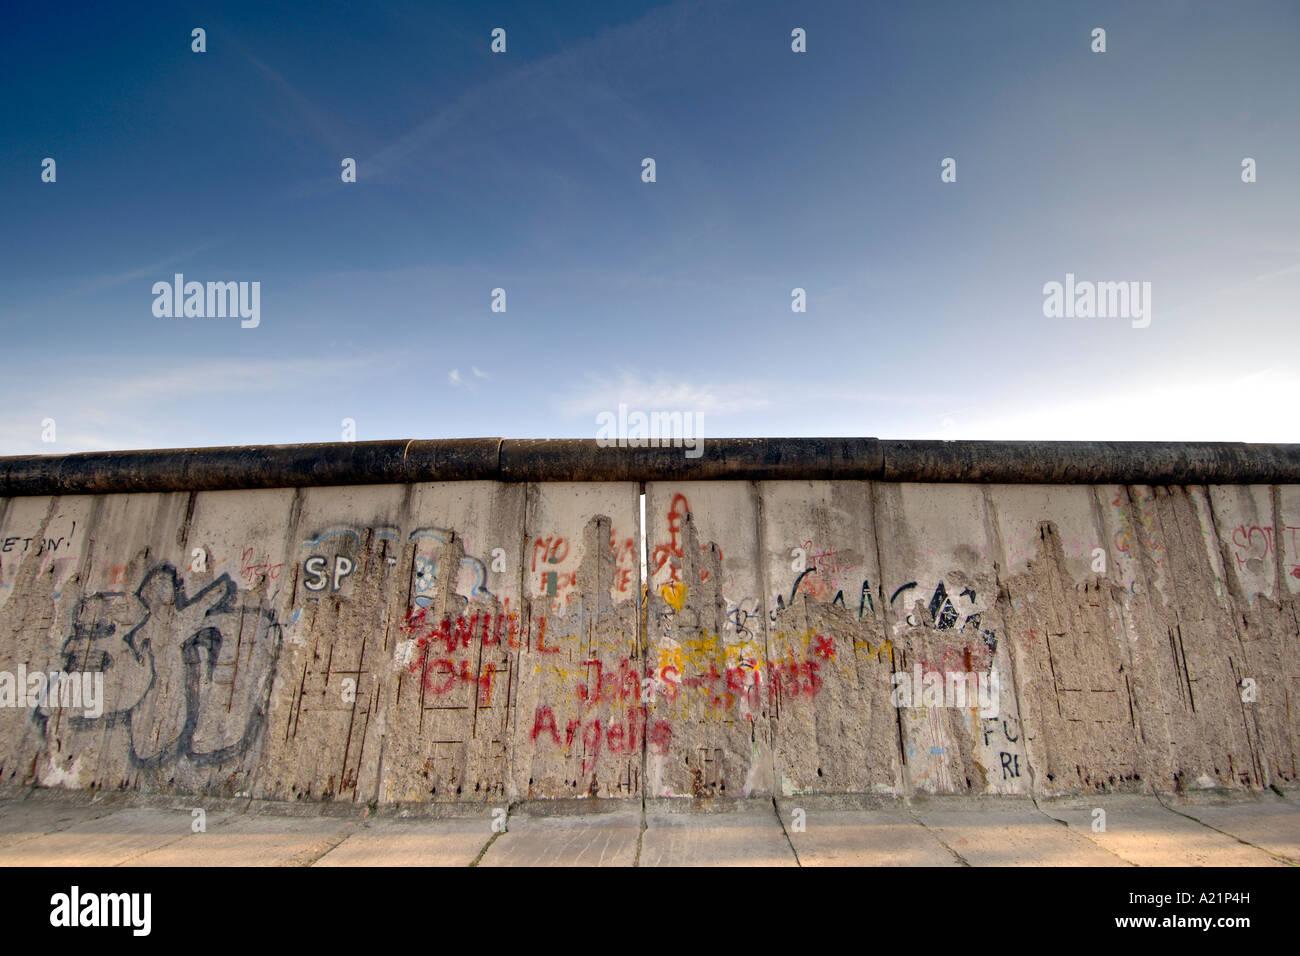 El muro de Berlín a lo largo de la Bernauer Straße en Berlín oriental de Alemania. Foto de stock